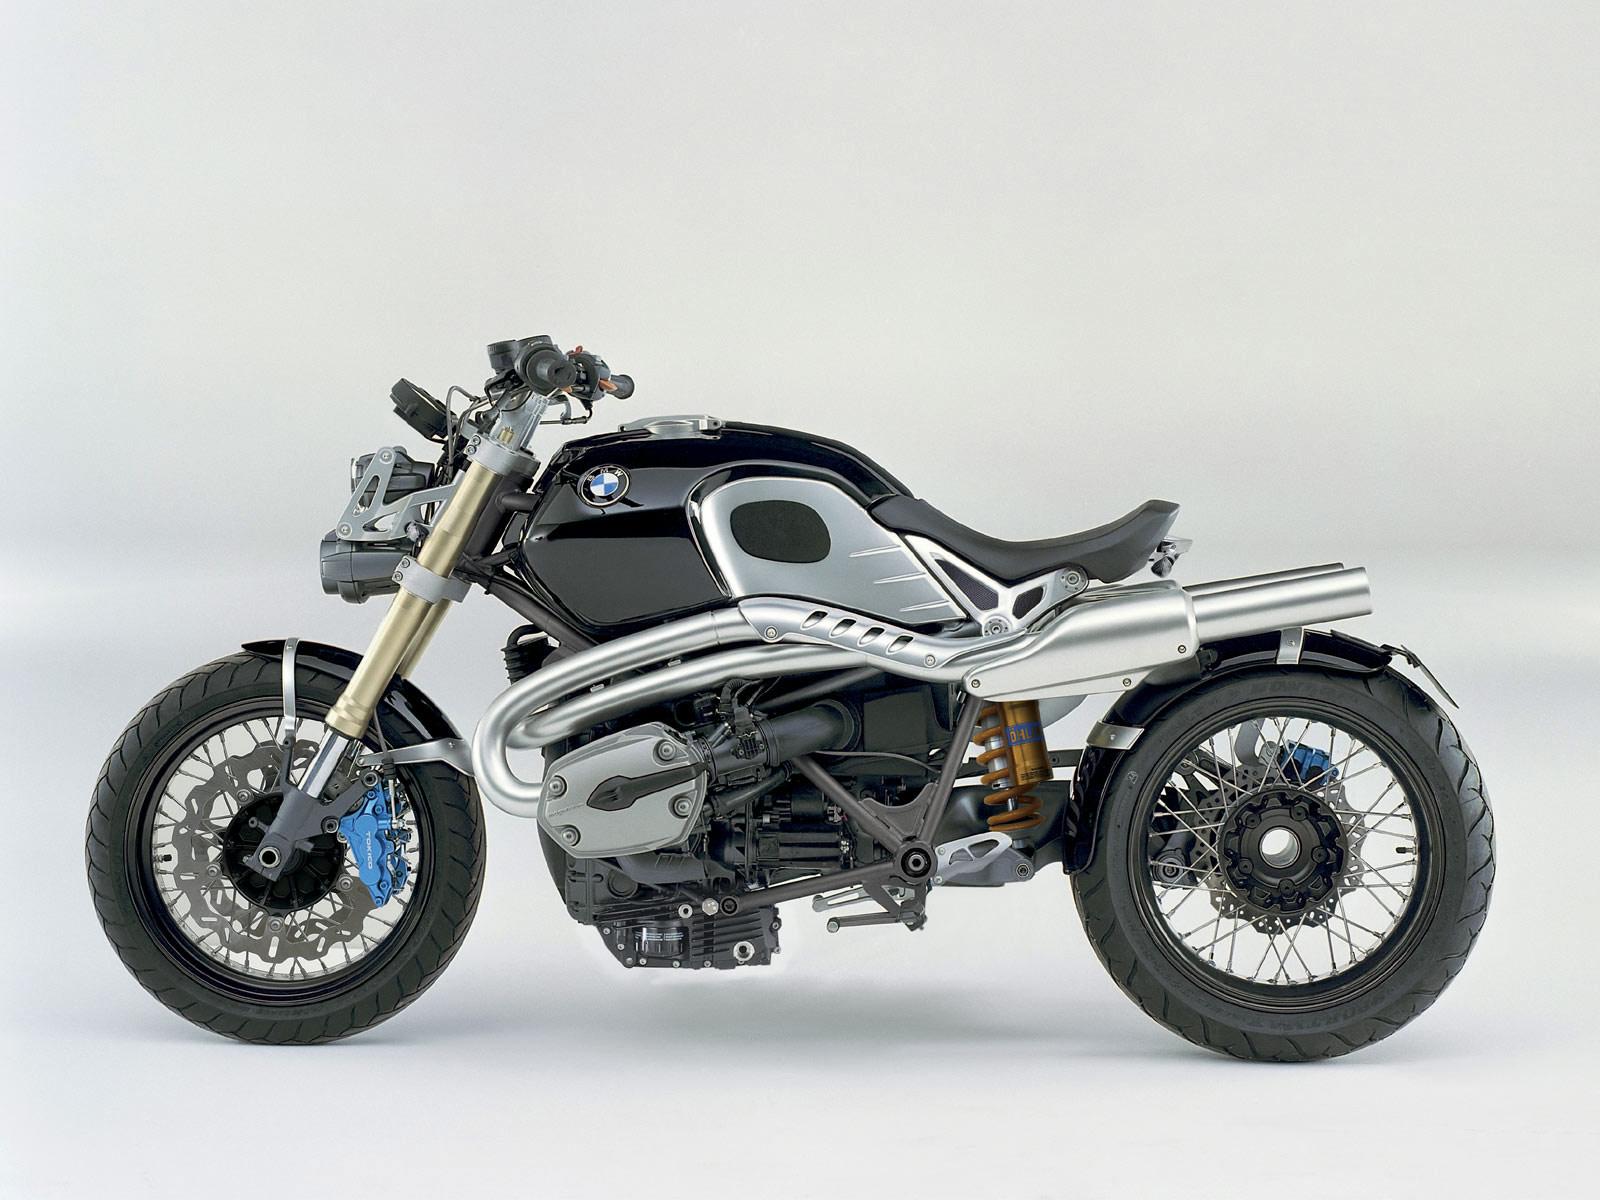 2009 BMW Lo Rider Concept motorcycle wallpaper 1600x1200